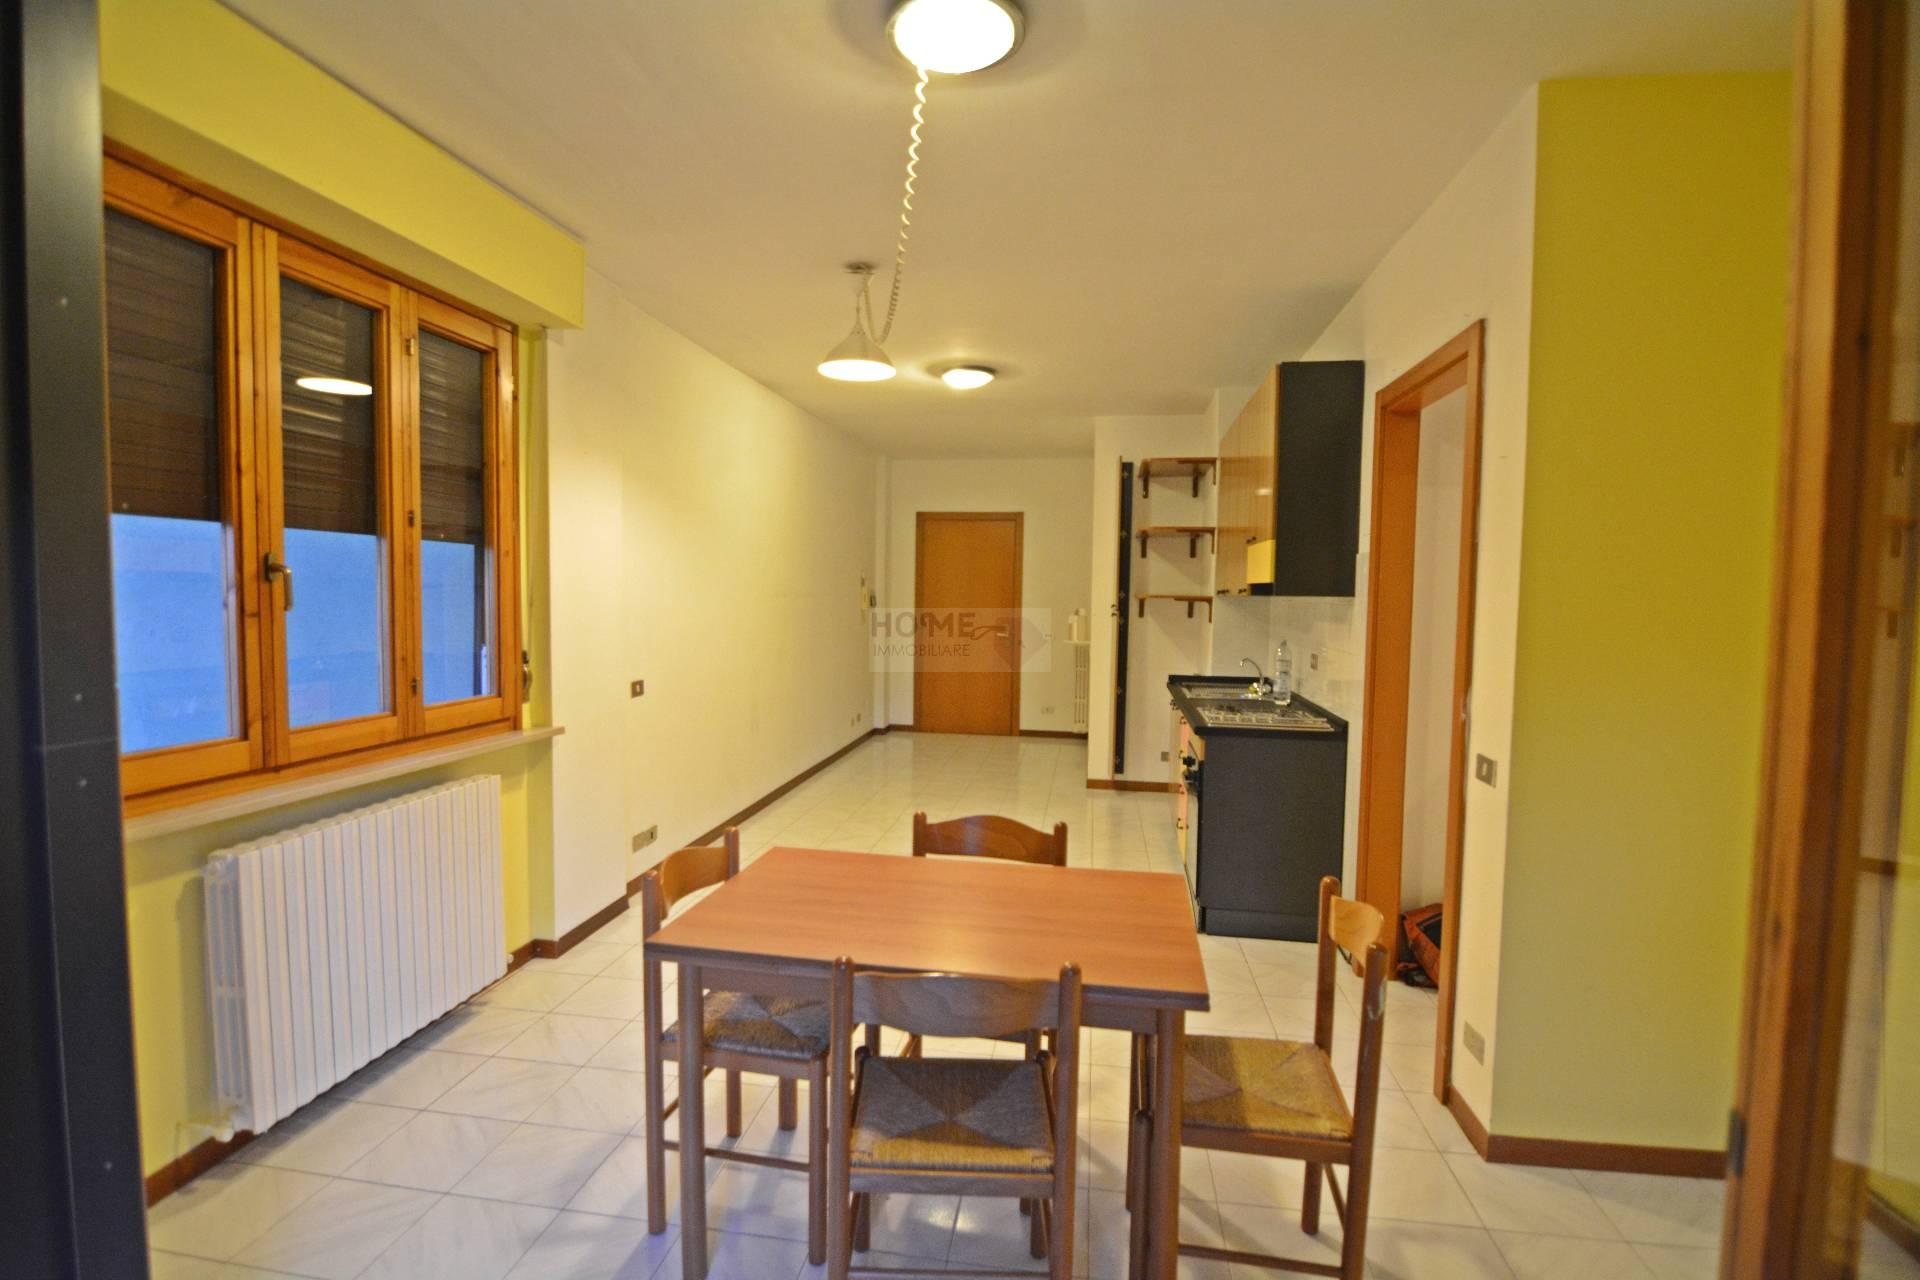 affitto appartamento macerata 3 65  360 €